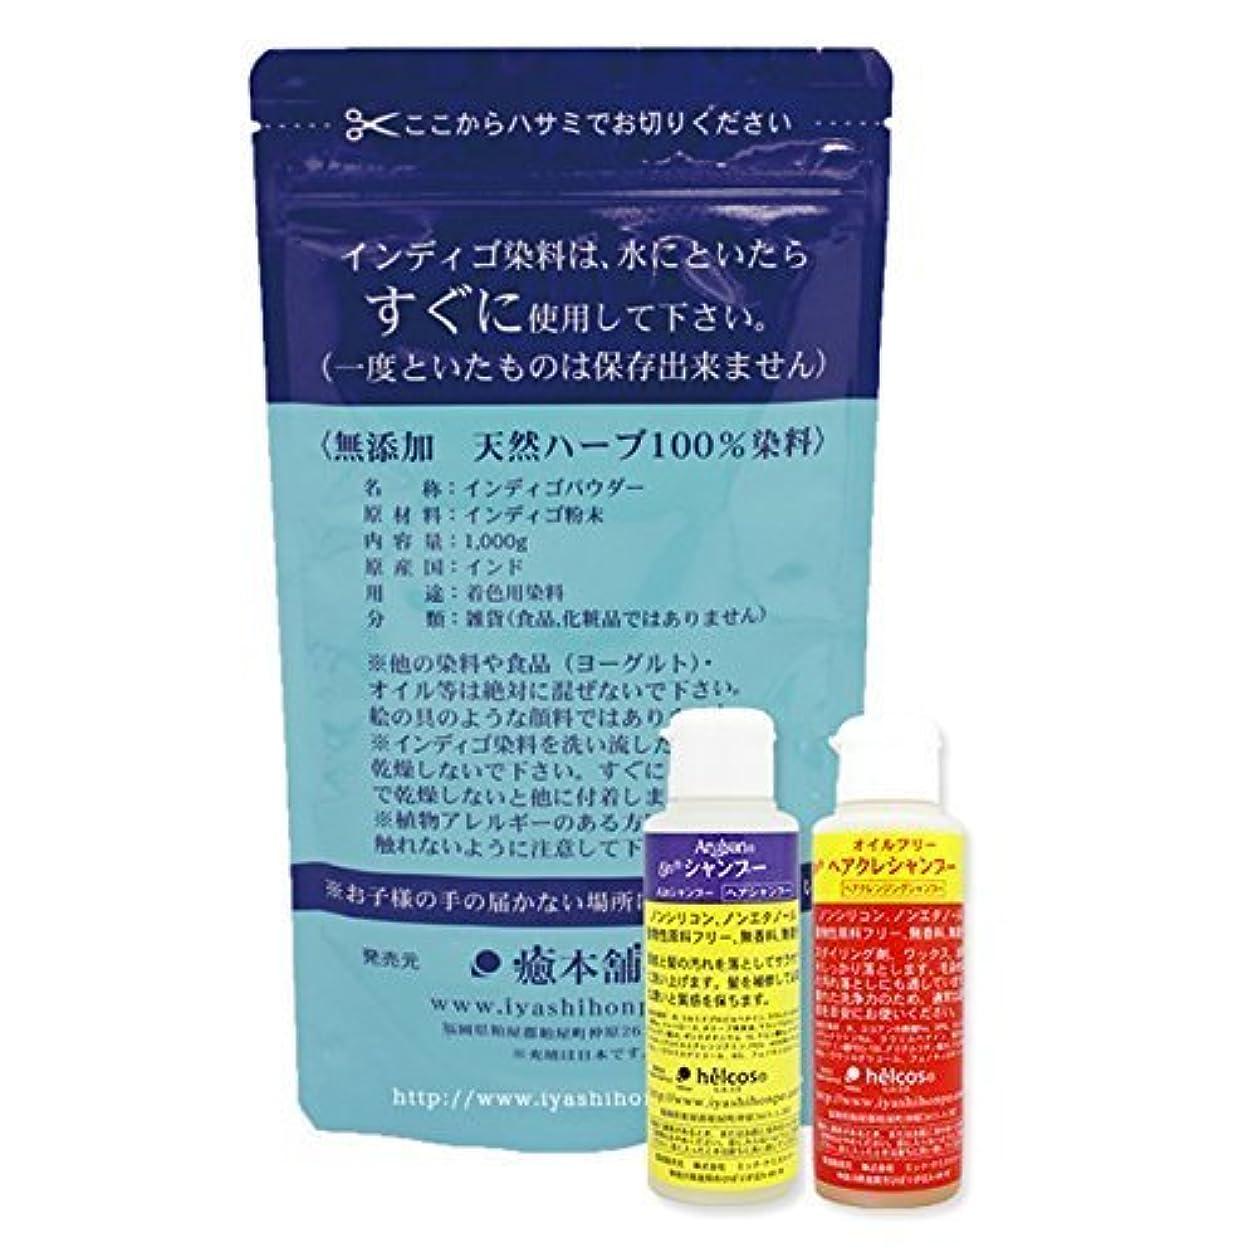 上流の契約する福祉白髪染め インディゴ(天然染料100%) 1kg+シャンプー2種セット 癒本舗